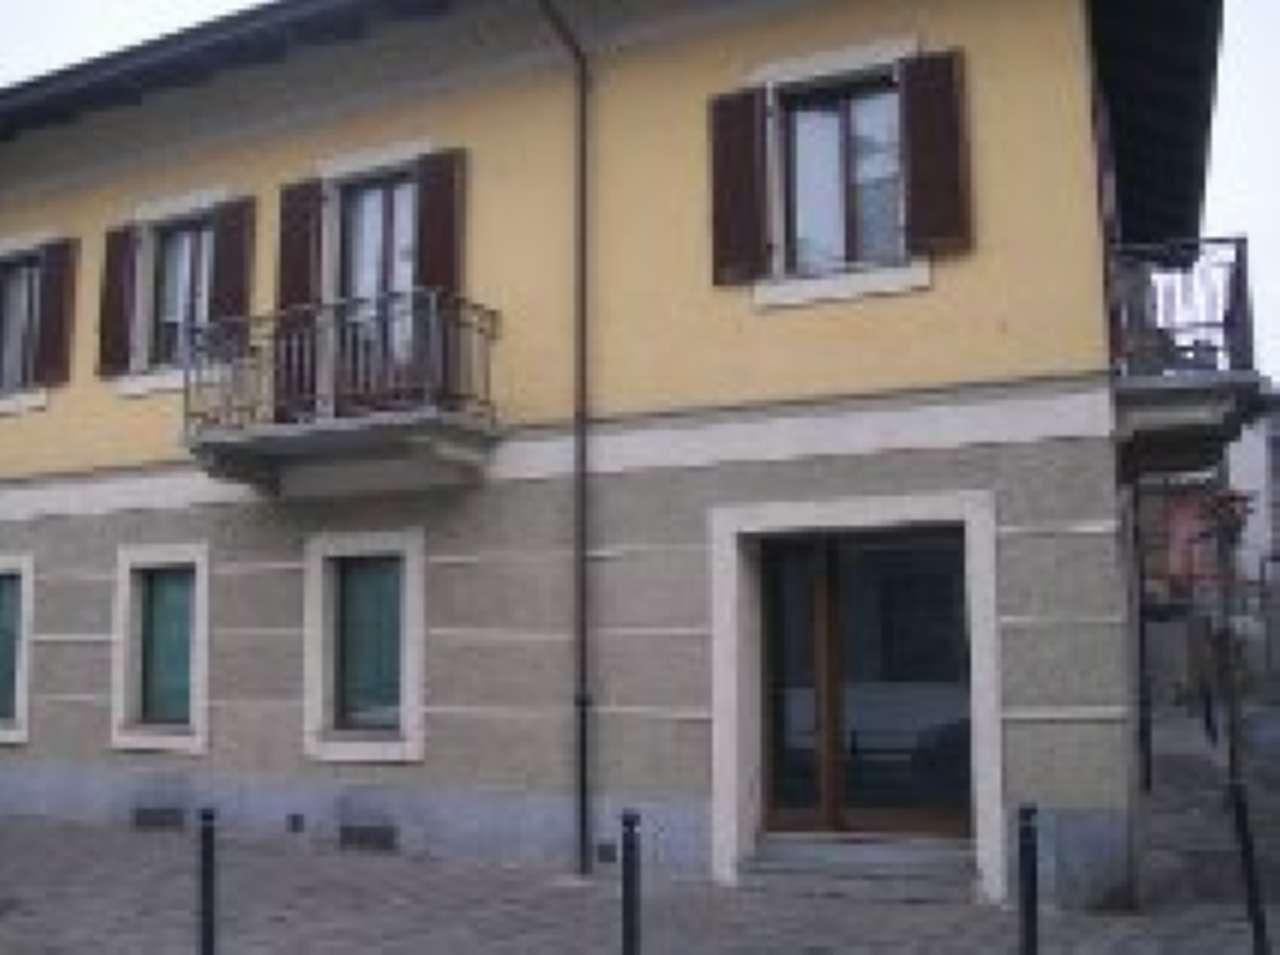 Negozio / Locale in vendita a Settimo Torinese, 9999 locali, prezzo € 1.500 | CambioCasa.it